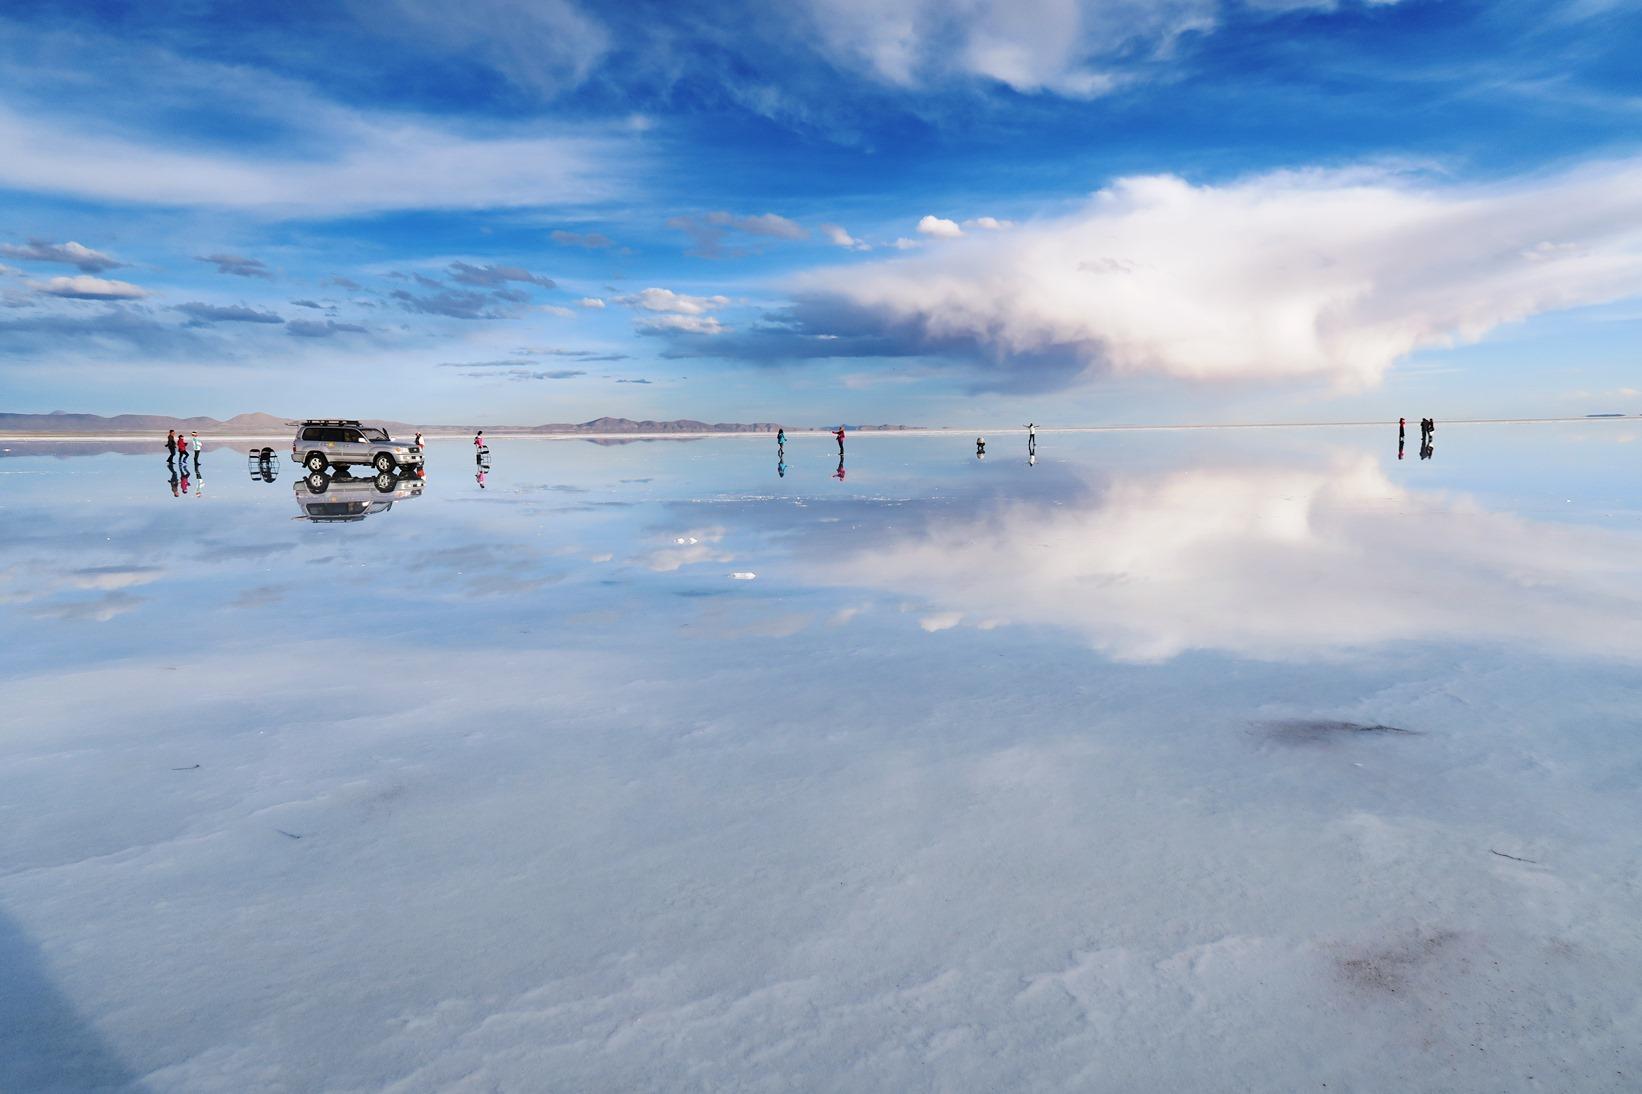 空が湖面に映し出されて絶景が広がるウユニ塩湖